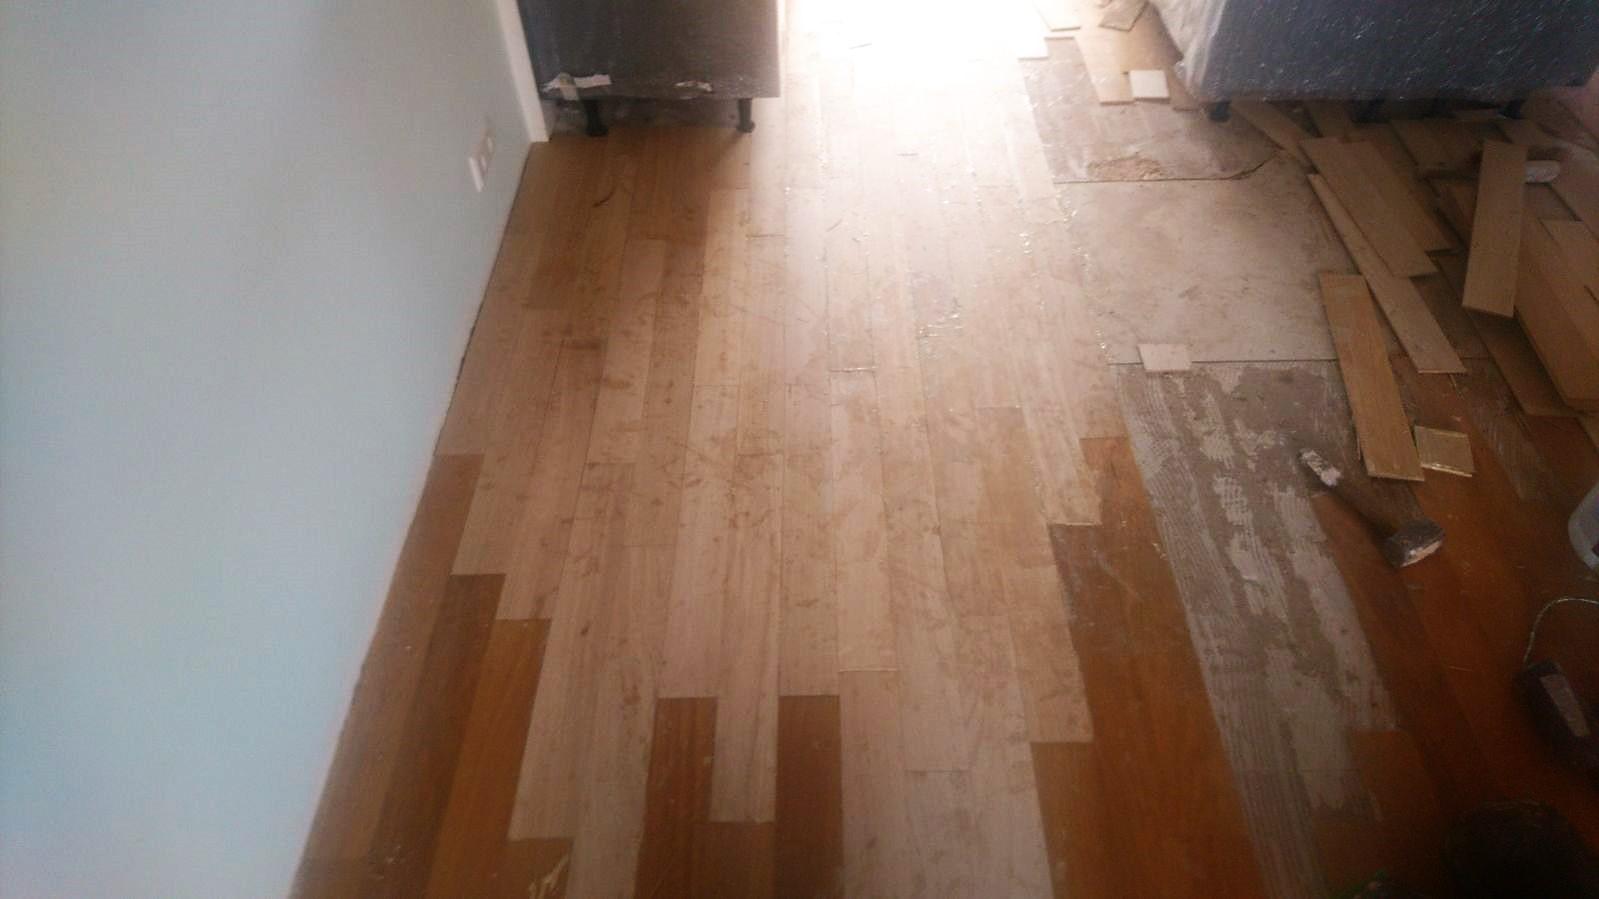 Onbehandelde Houten Vloer : Opknappen aanhelen houten vloeren of waterschade u drvloer